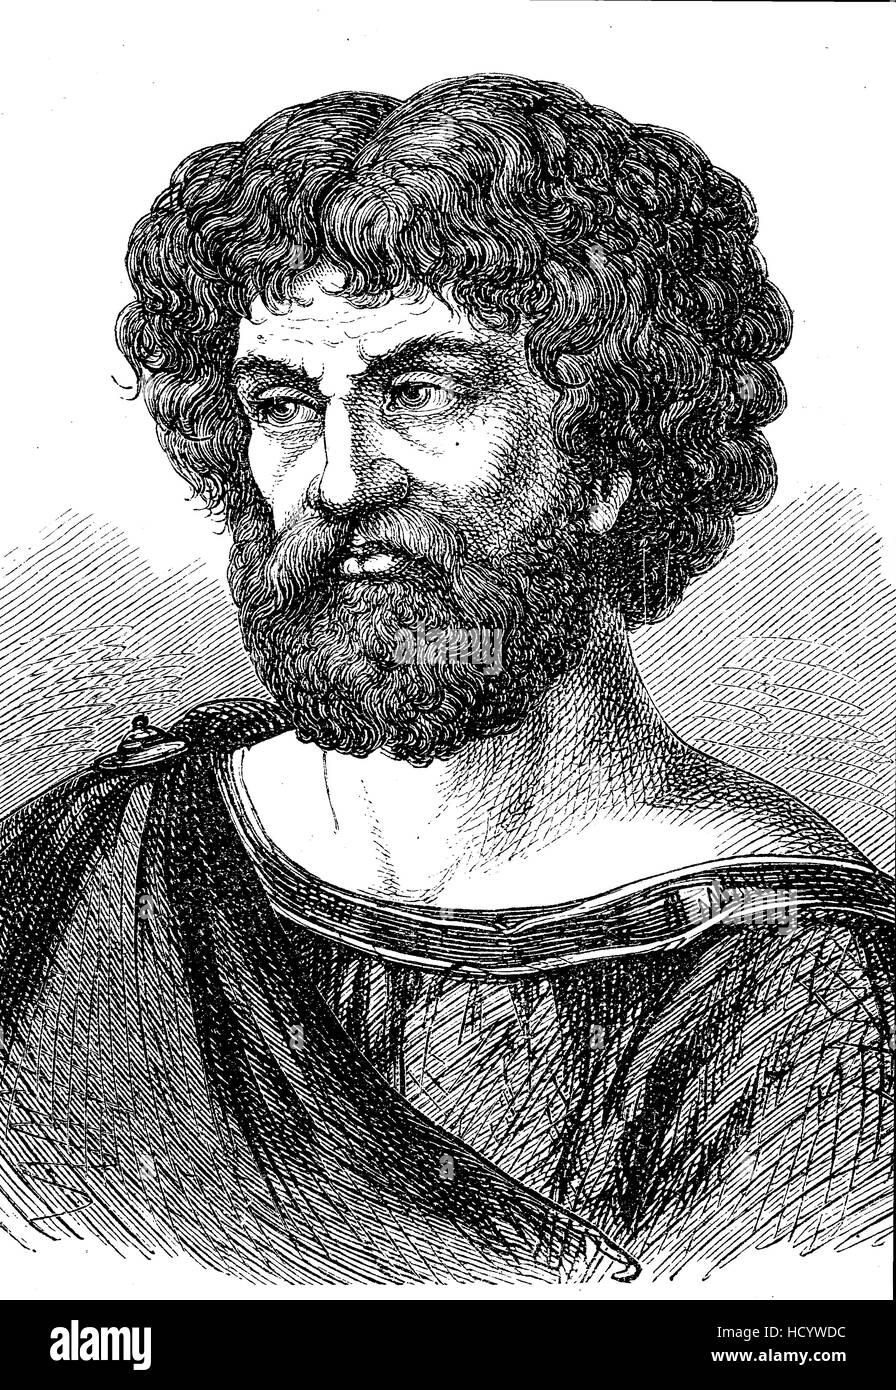 Hannibal 247 Bc 181 V Chr Hannibal Barkas Punische Feldherr